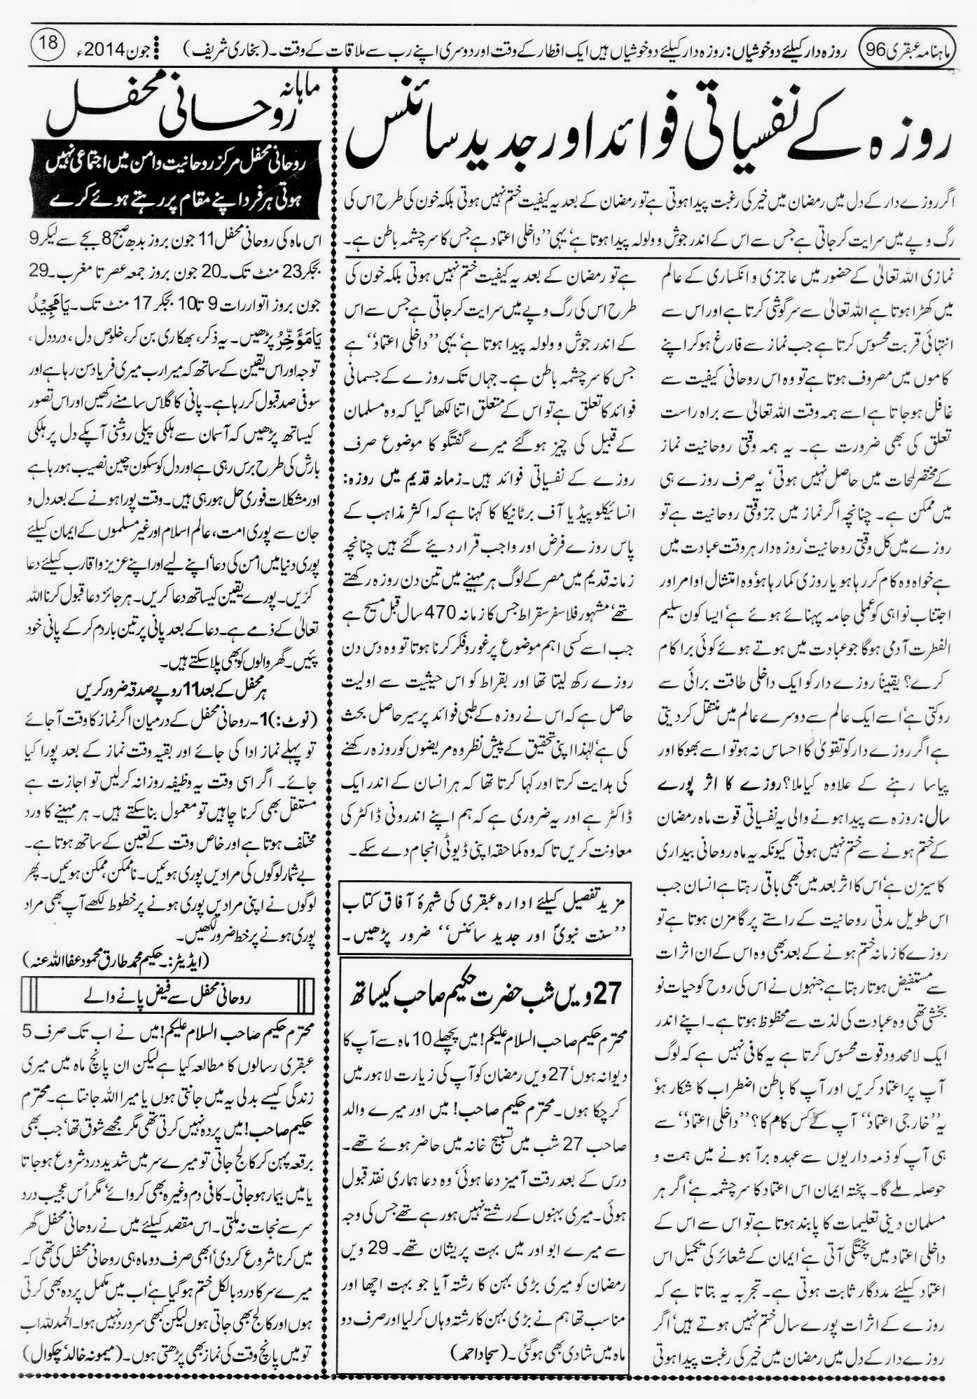 ubqari june 2014 page 18